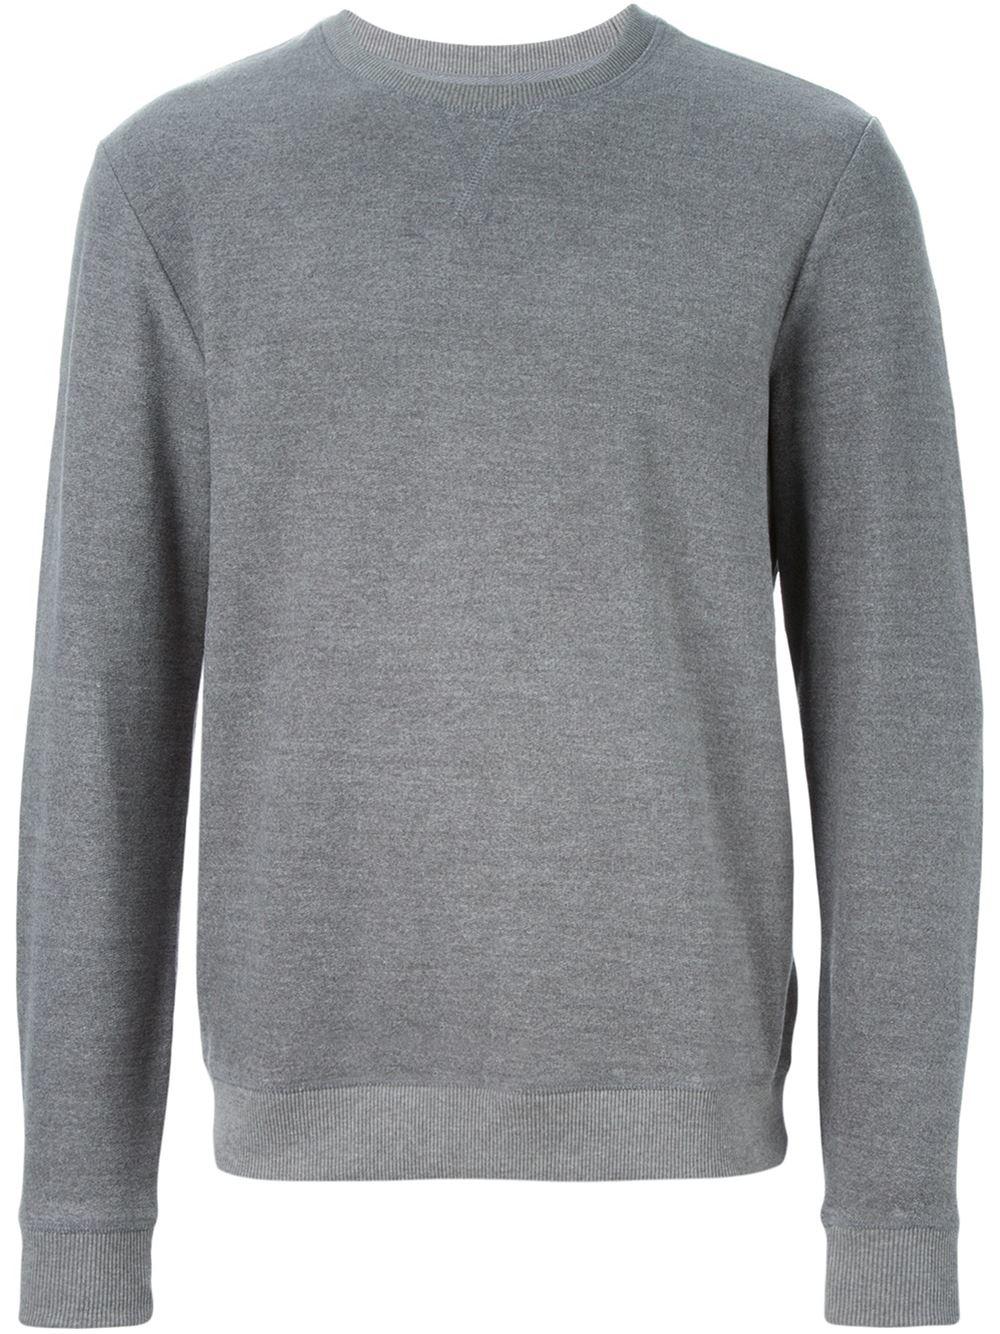 A.p.c. Crew Neck Sweatshirt in Gray for Men | Lyst